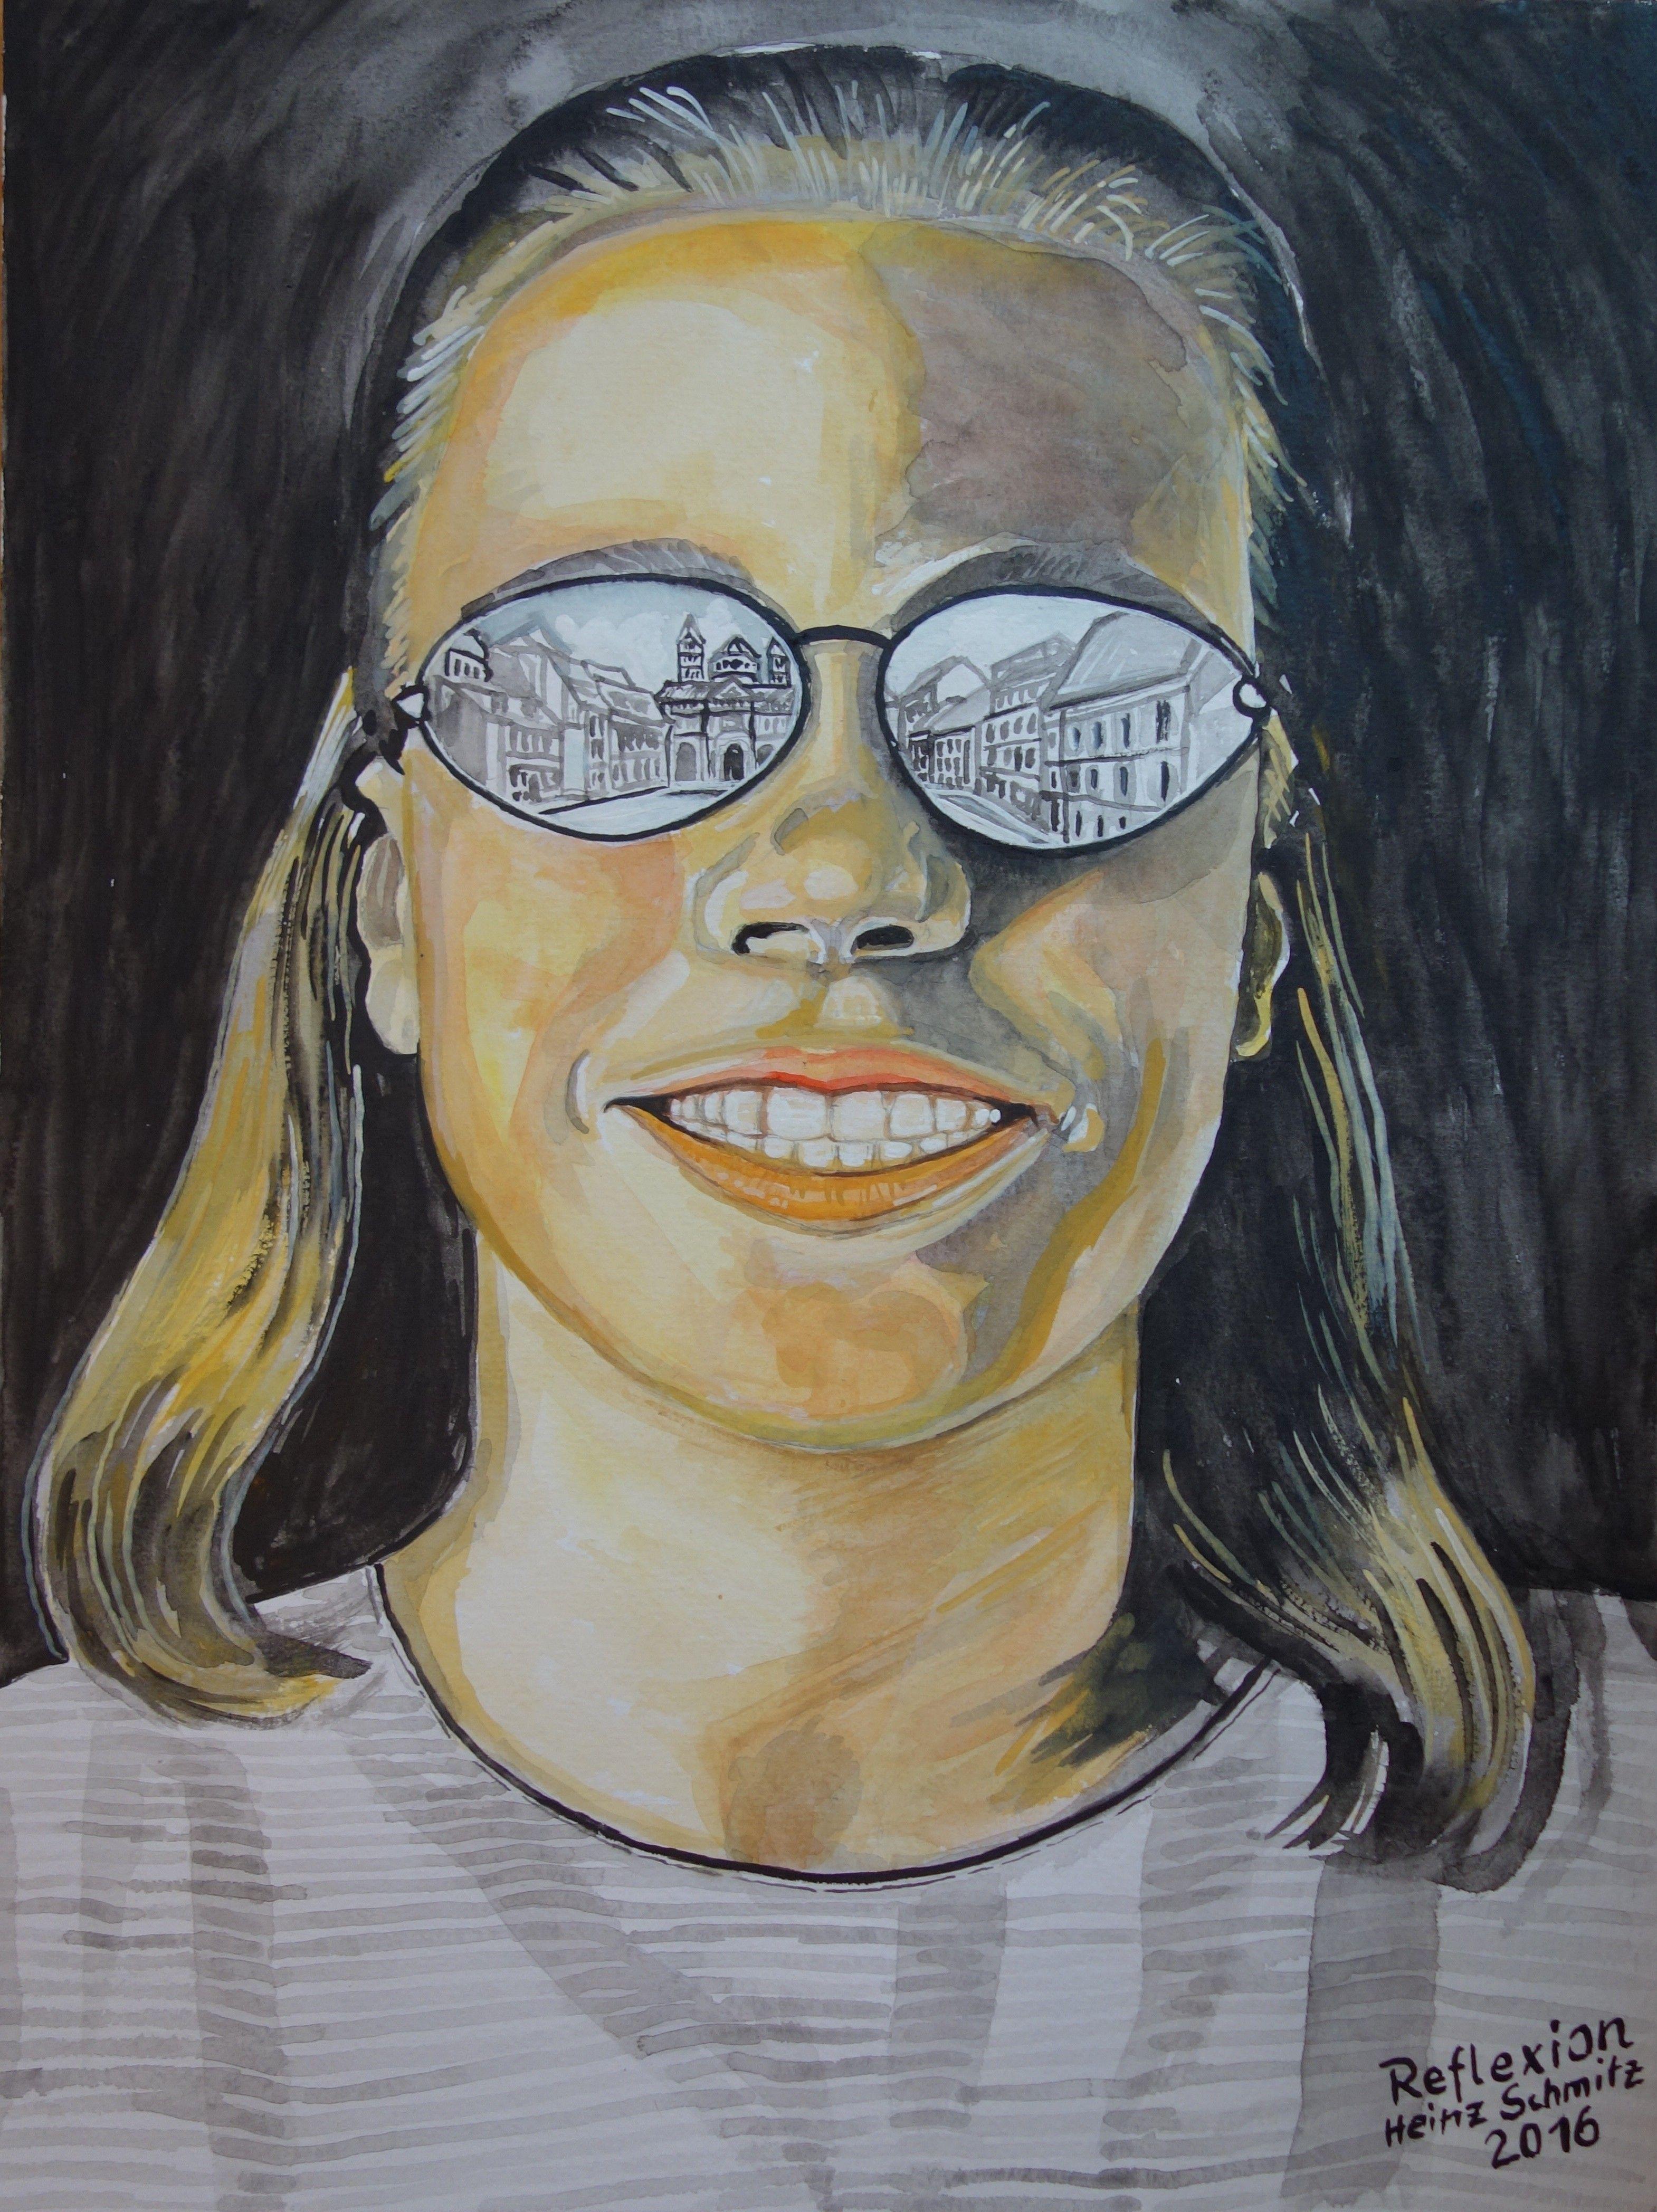 Reflexion. Gouache, Bildgröße 48 x 36 cm, gemalt und signiert von Heinz Schmitz. Knapsack.